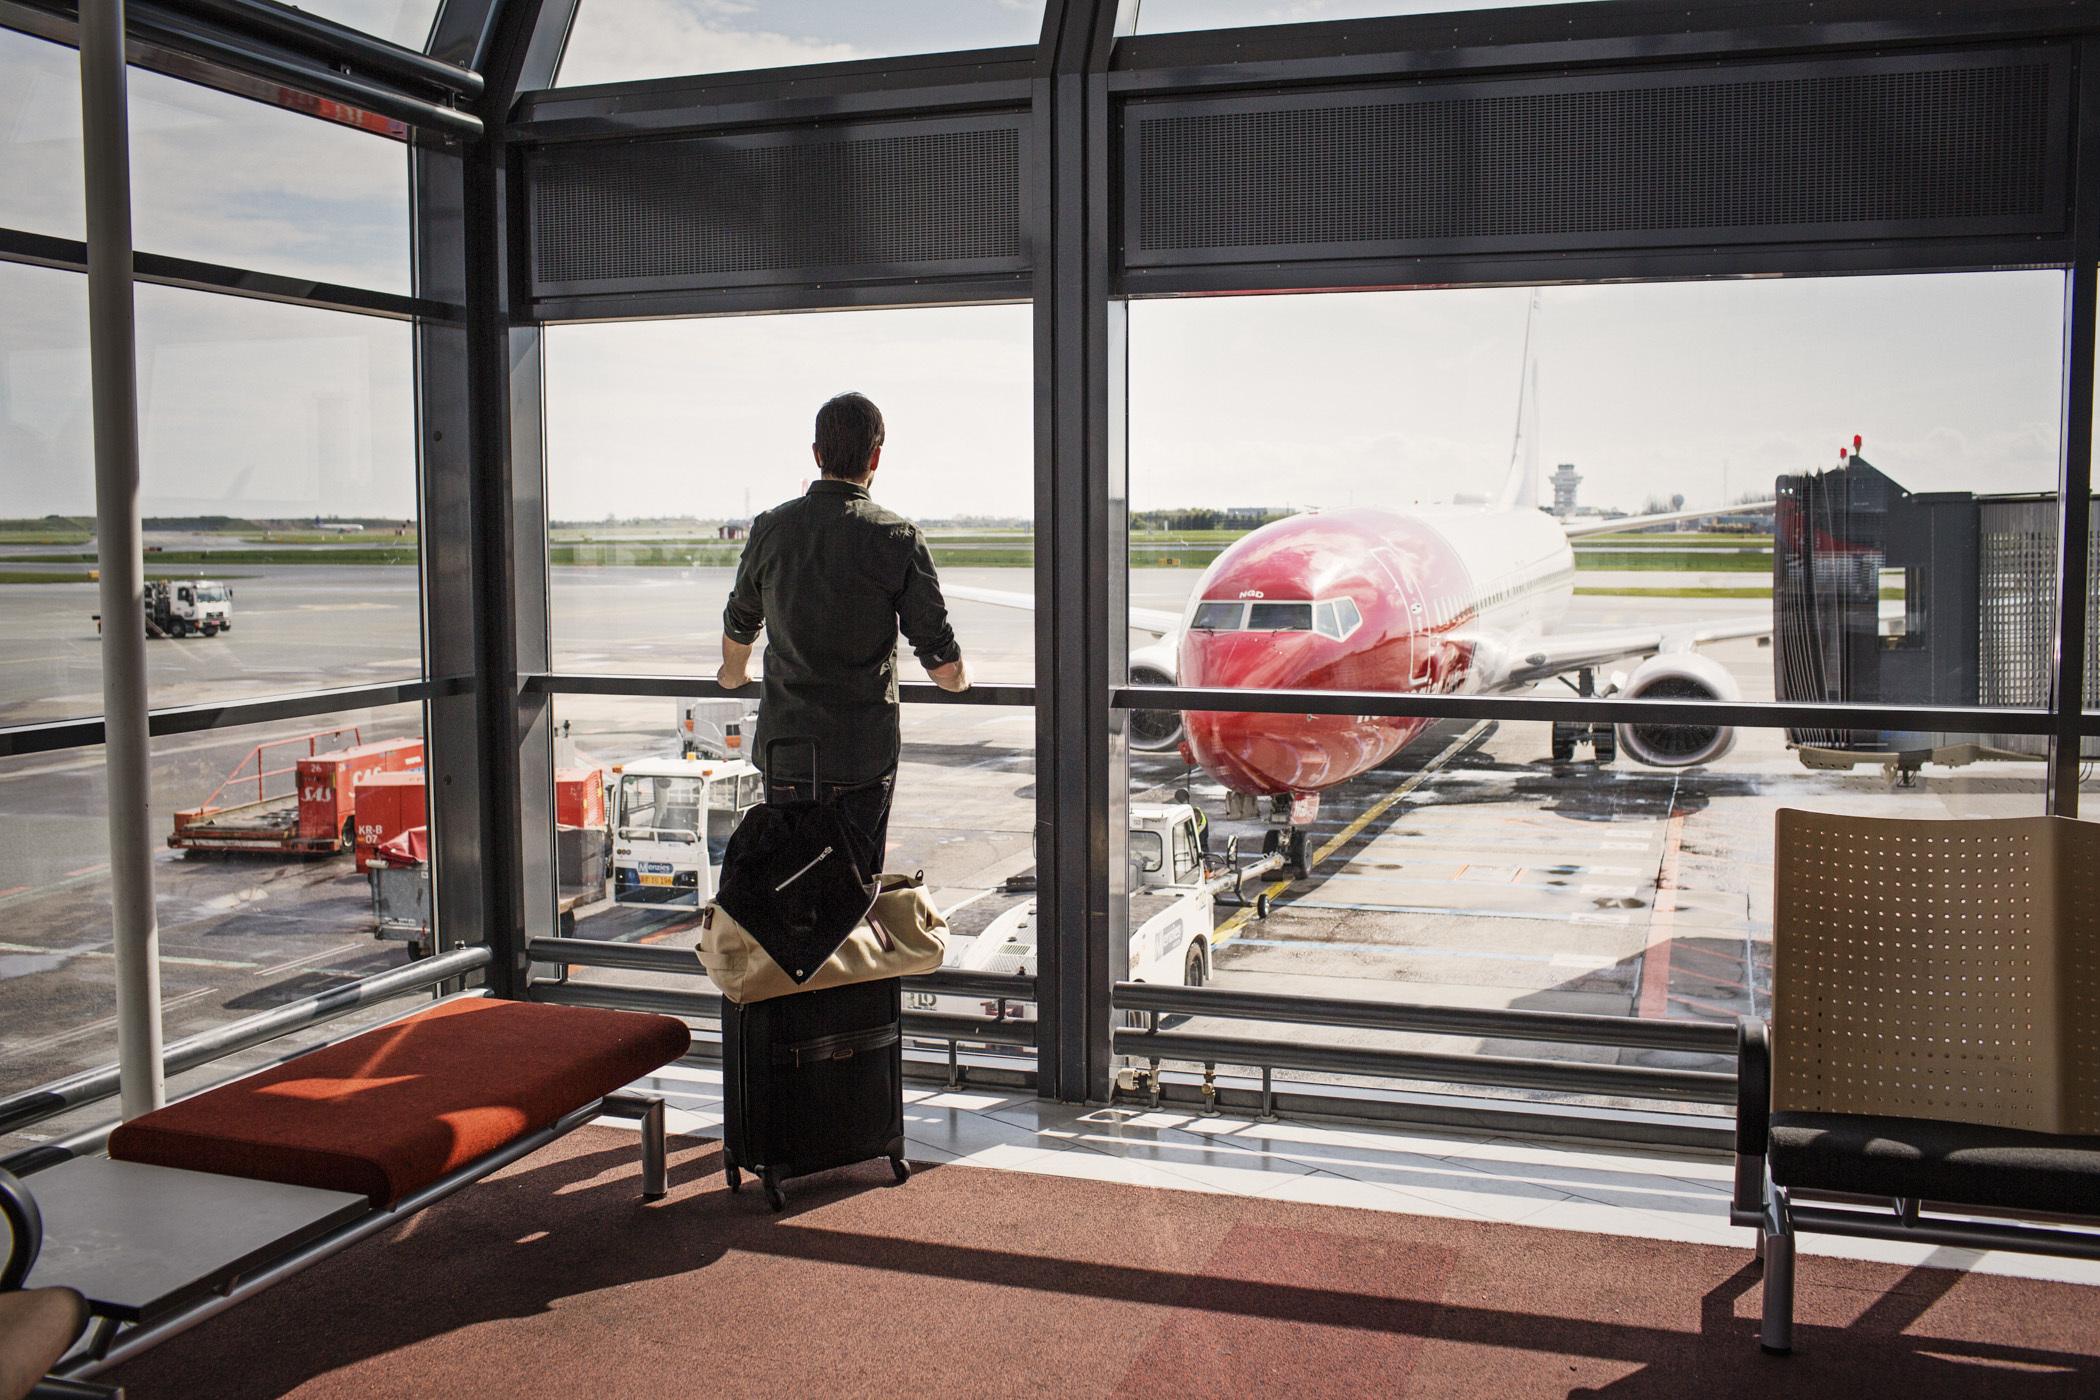 Rejsende venter på Norwegian-fly. (Arkivfoto: Norwegian | PR)